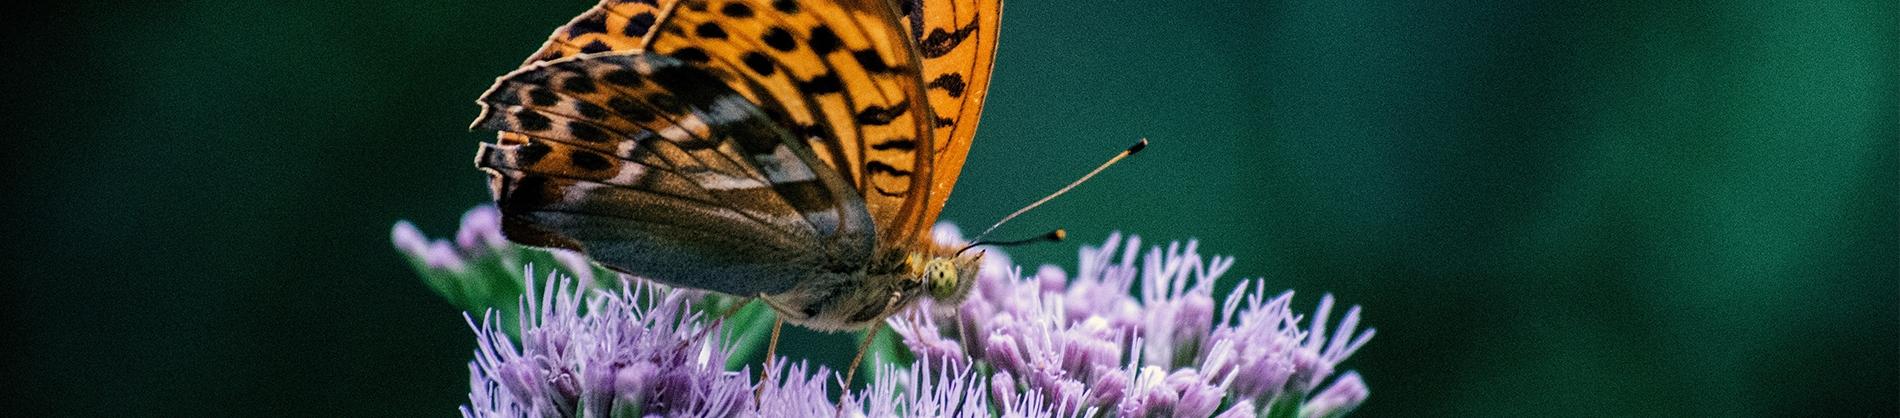 An orange butterfly sat on a purple flower